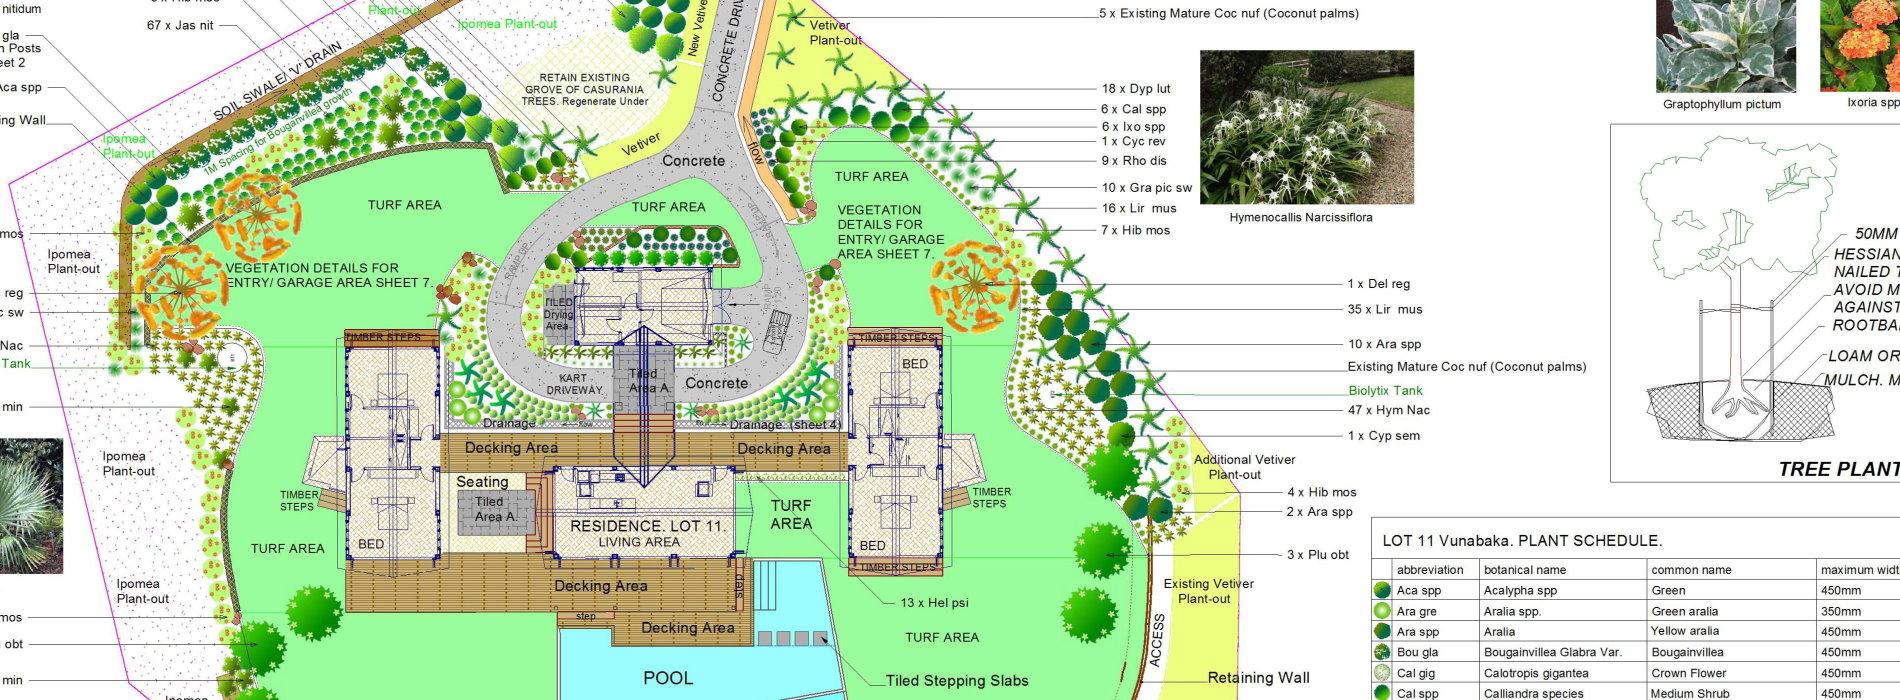 vegetation layout